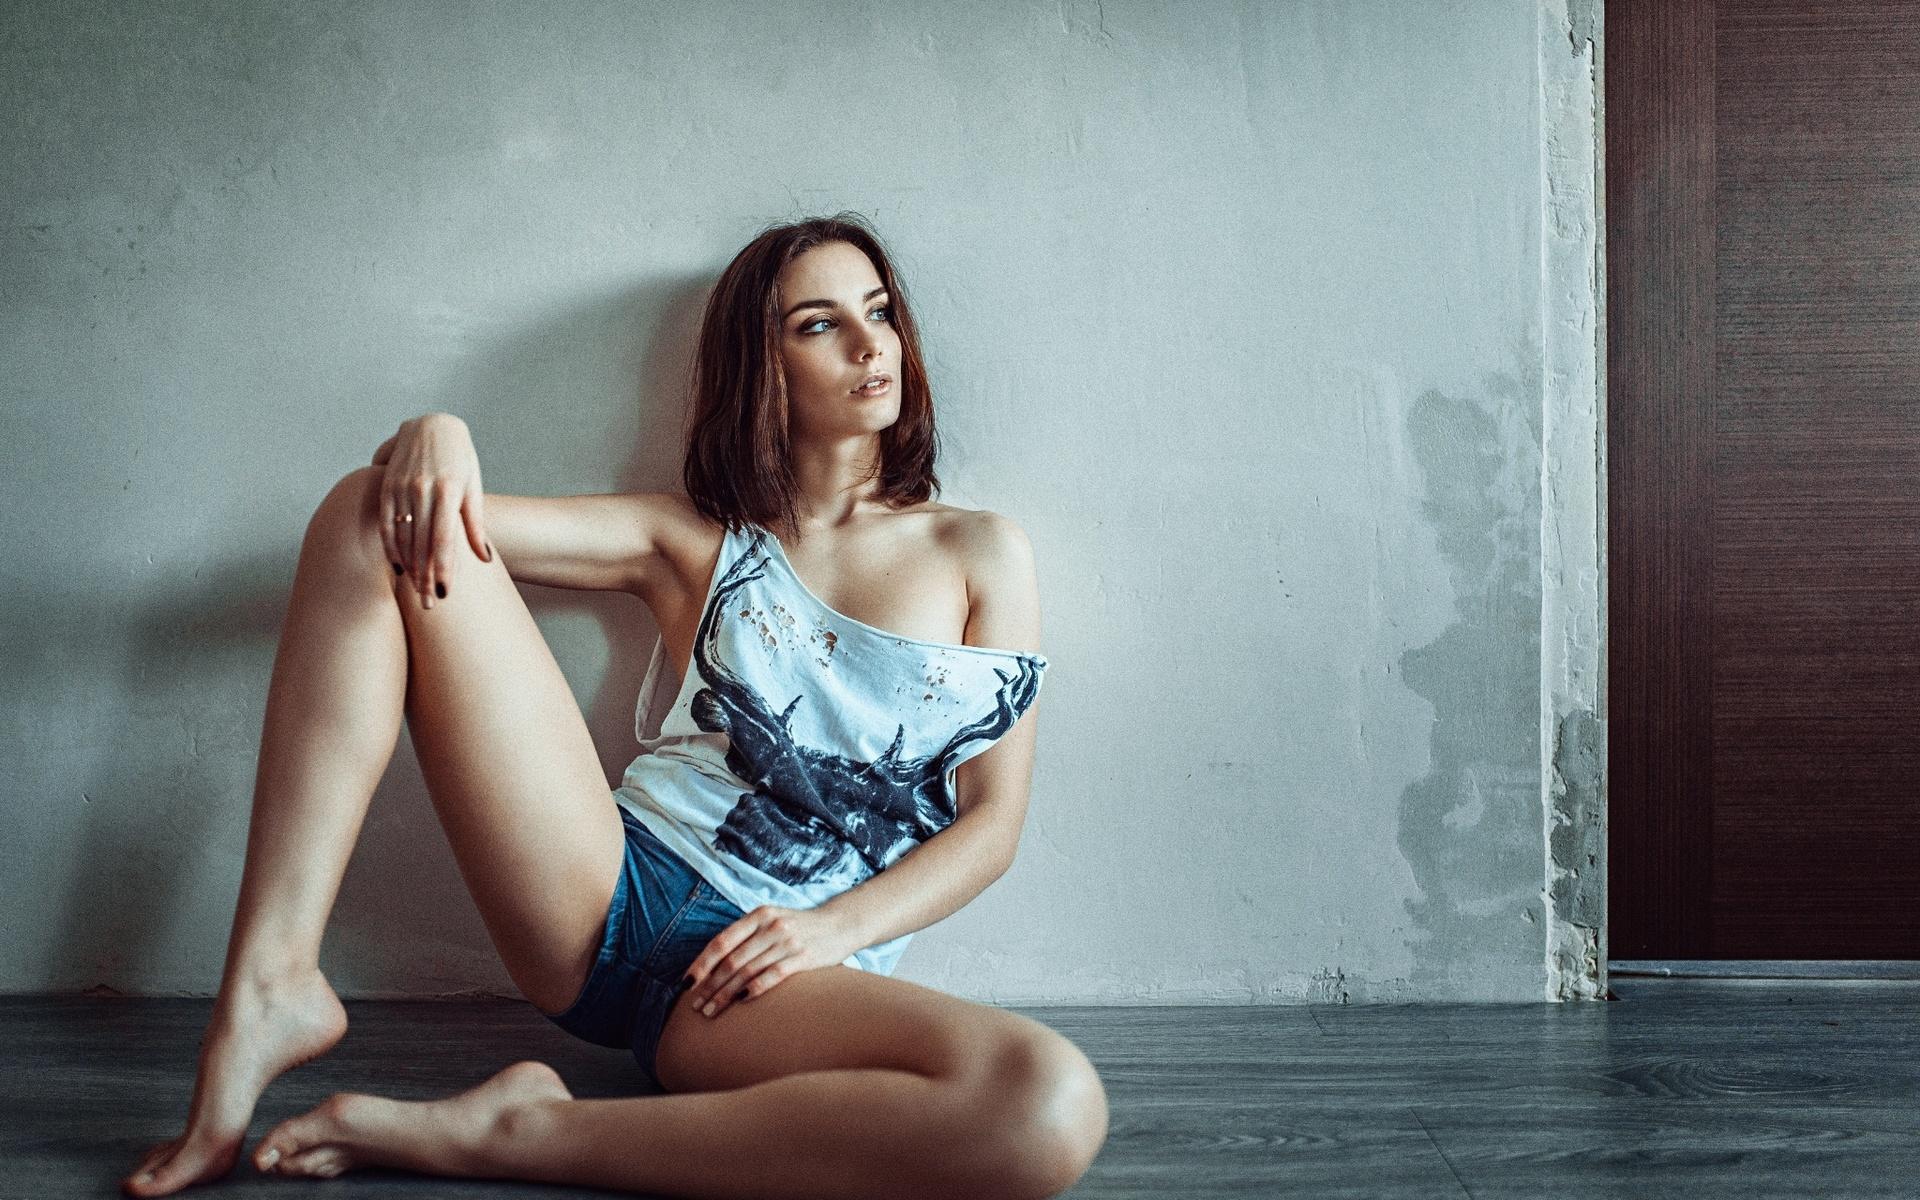 Раздвинутые колени девушки, Русская женщина раздвинула ноги и получает оргазм 22 фотография